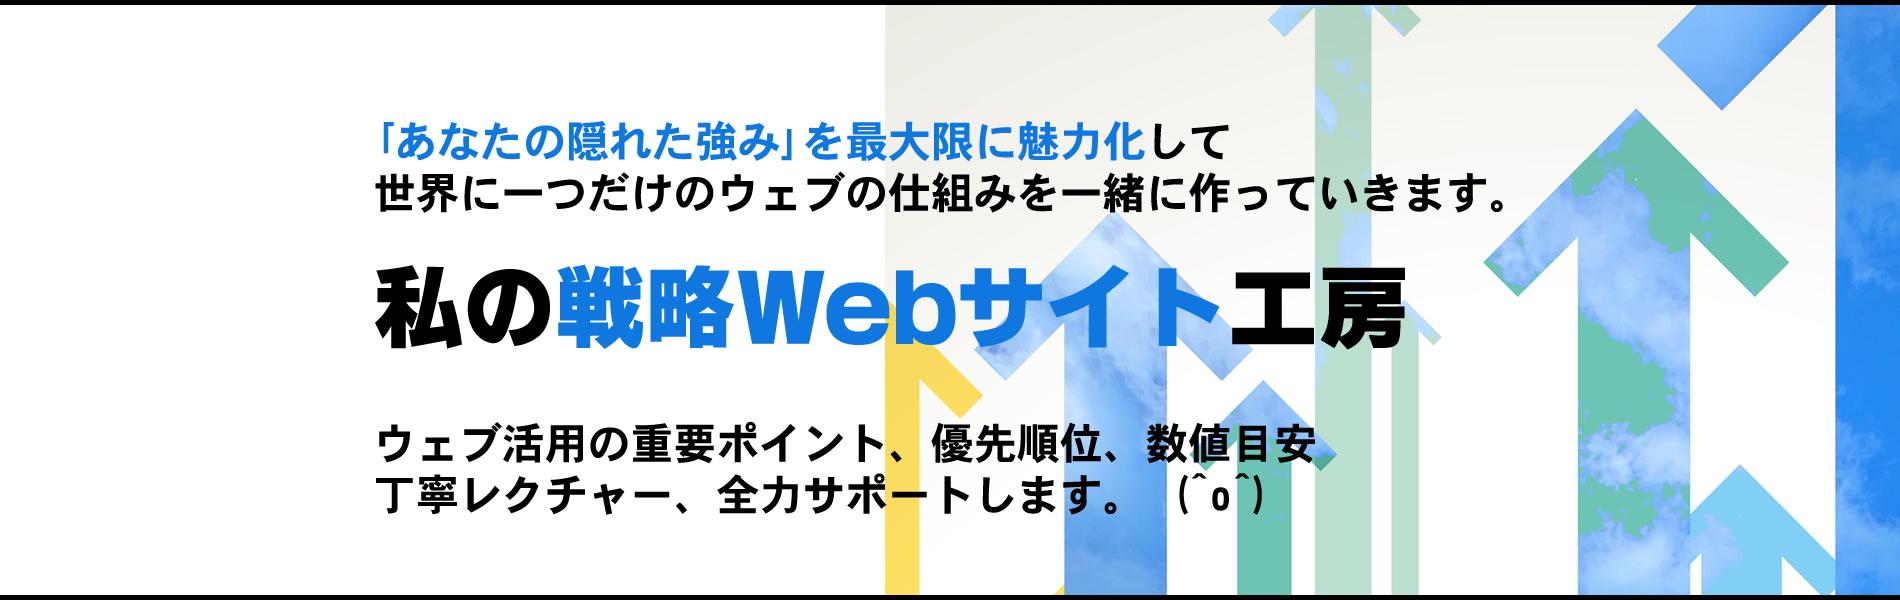 「あなたの隠れた強み」を最大限に魅力化して あなた専用のWebの仕組み化を一緒に作成していきます。 わたしのWebの仕組み化作成工房 Web活用で結果を出すための重要ポイント、数値目安 についてもレクチャーしますので大丈夫